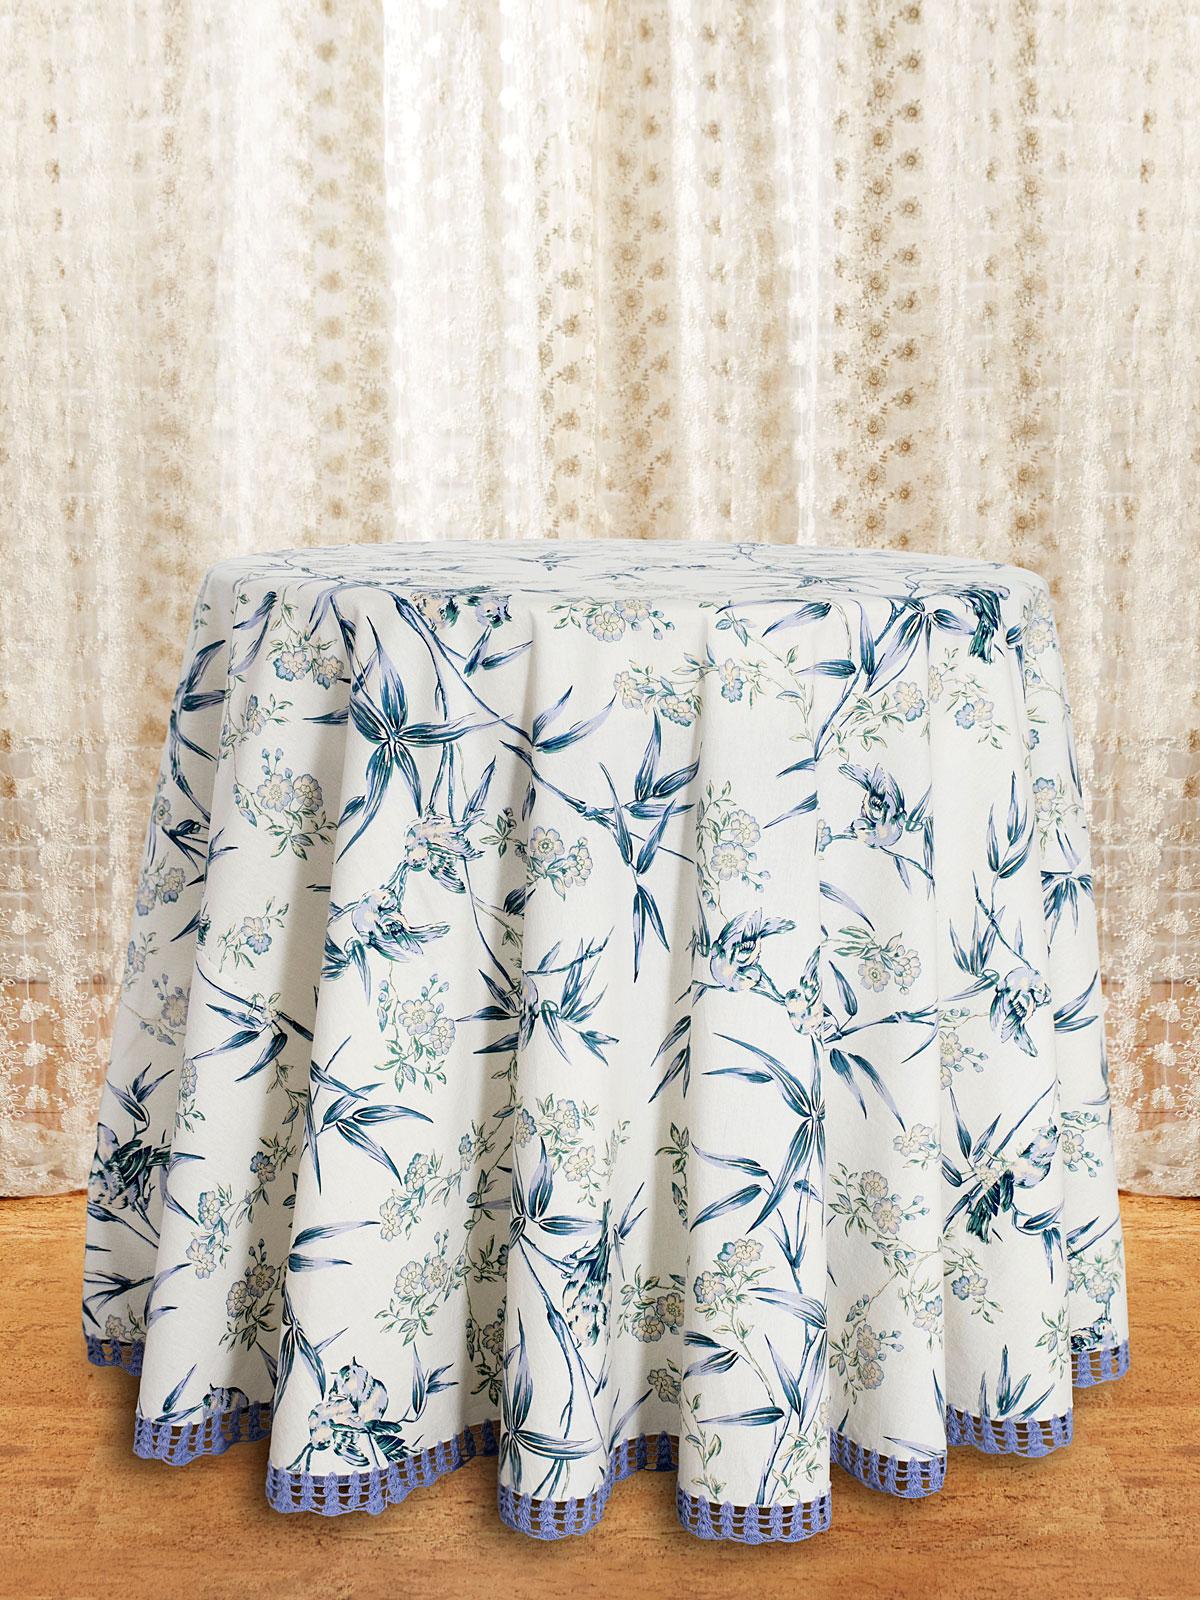 Bamboo Garden Round Tablecloth